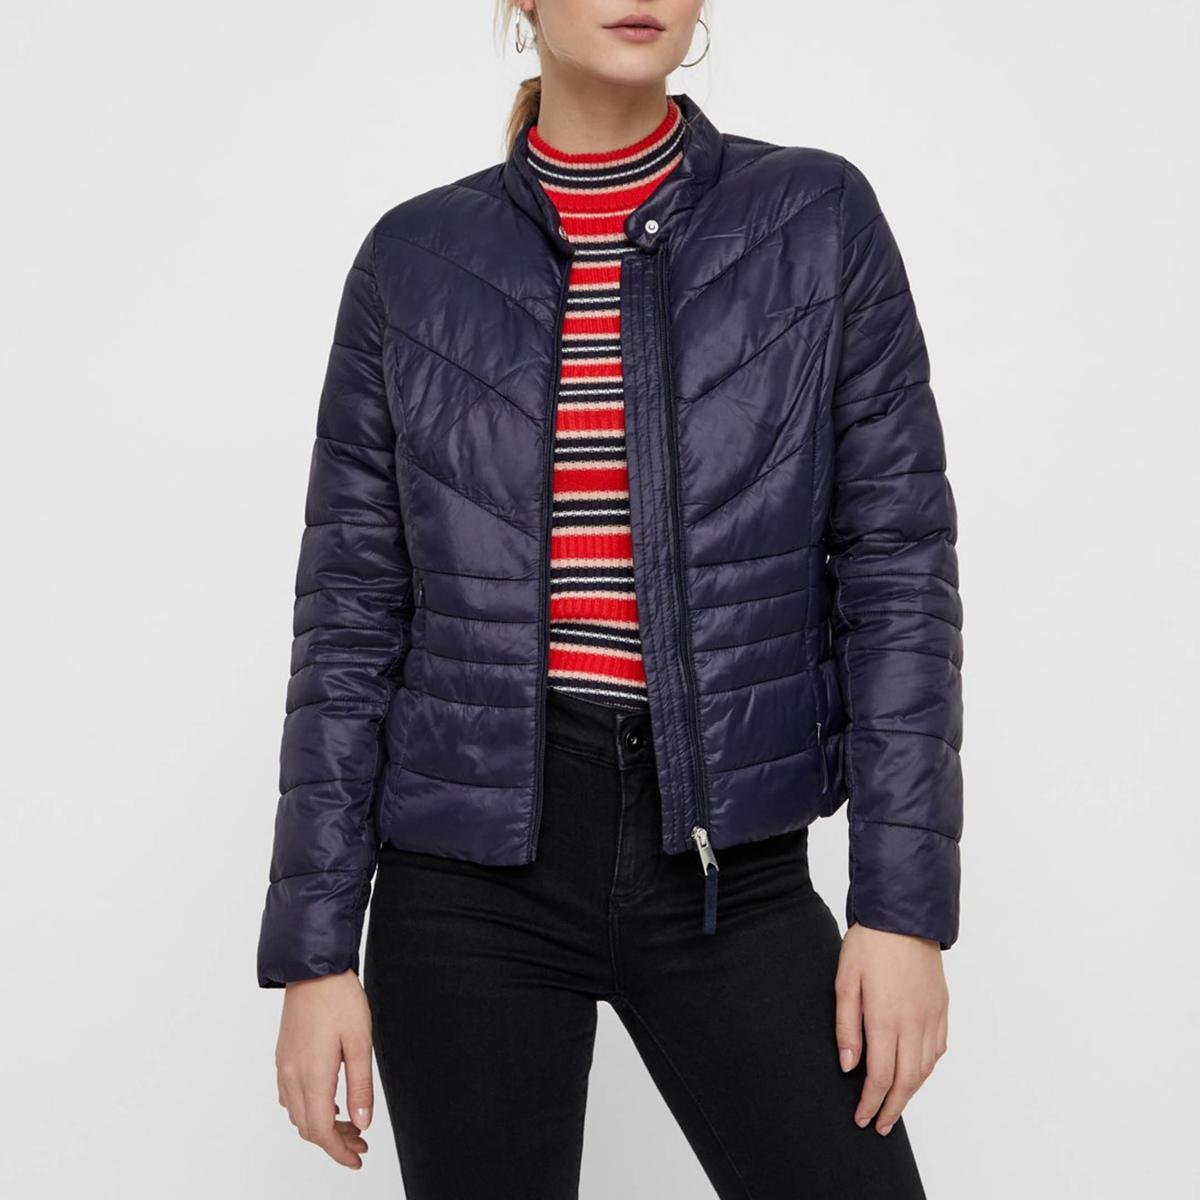 Куртка стеганая короткая с застежкой на молнию, модель демисезонная